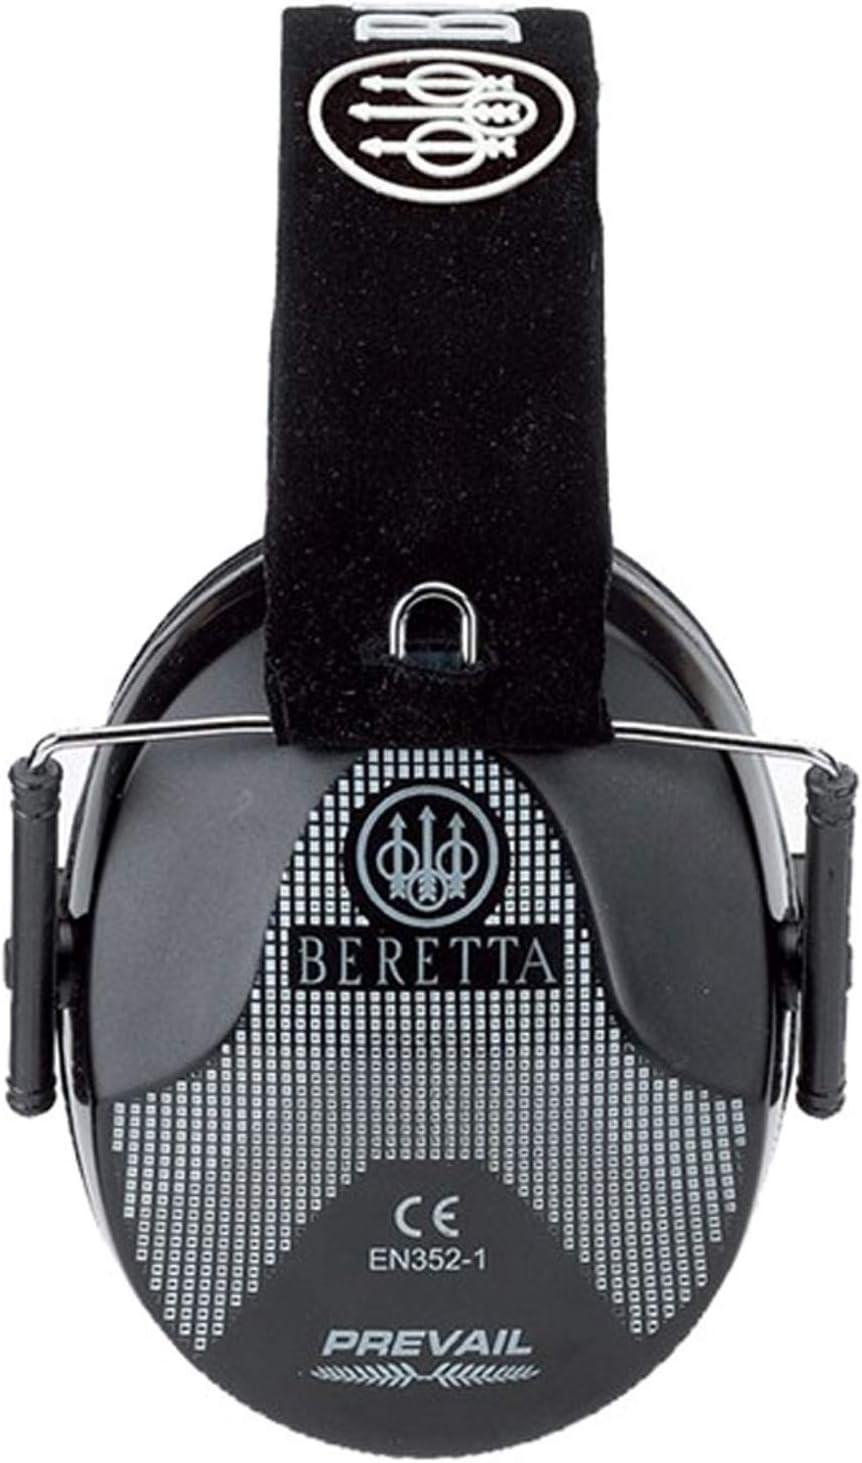 Beretta ear defenders